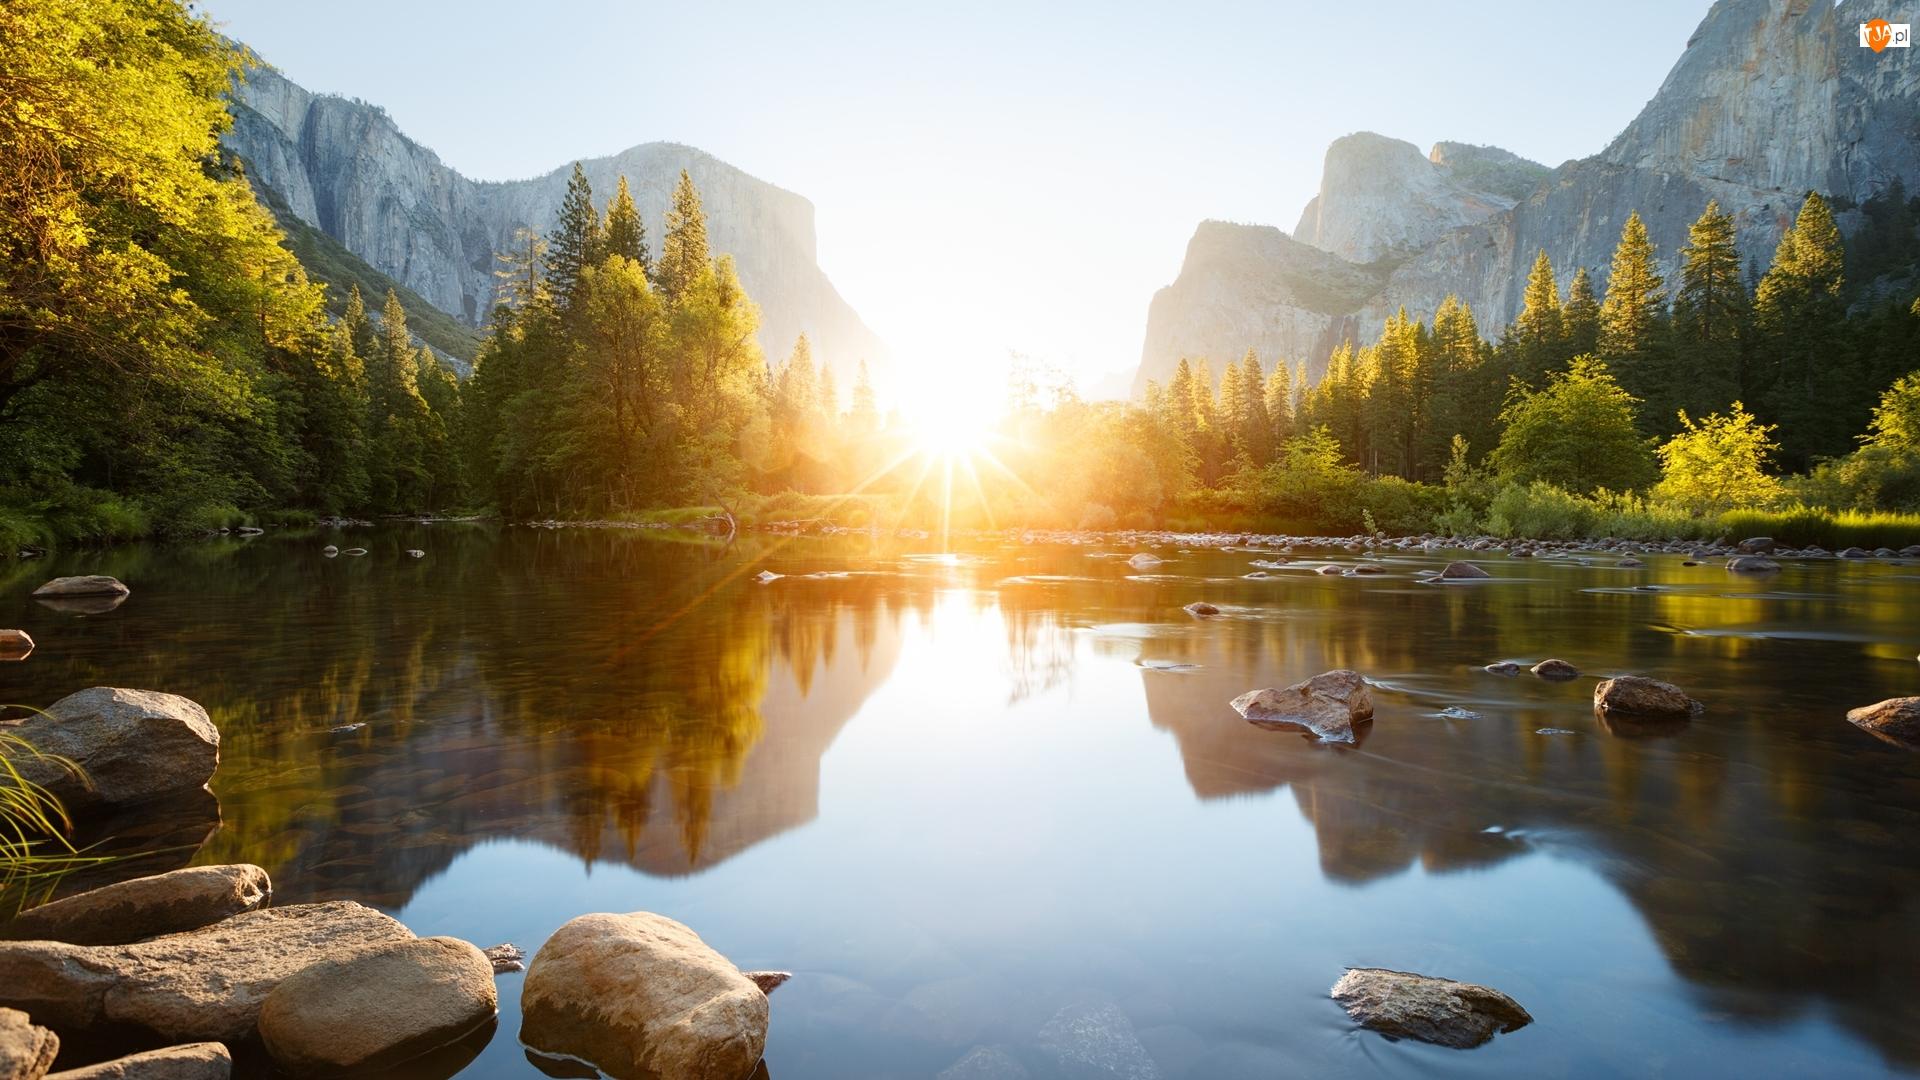 Drzewa, Park Narodowy Yosemite, Kamienie, Kalifornia, Góry, Wschód słońca, Stany Zjednoczone, Rzeka Merced